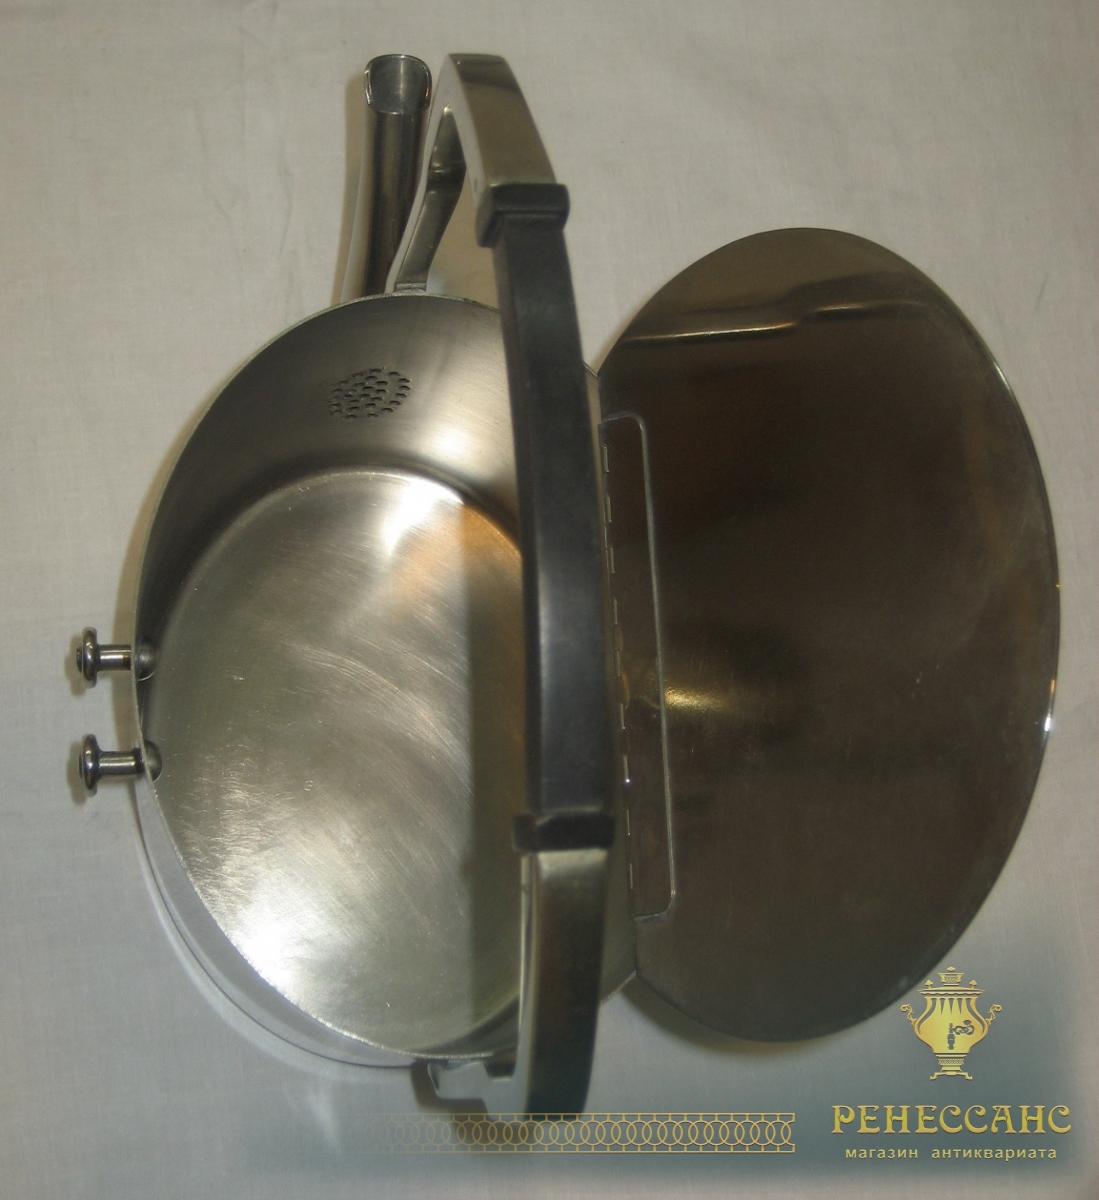 Бульотка старинная из никеля, «Ар-деко», Европа, начало 20 века №3044